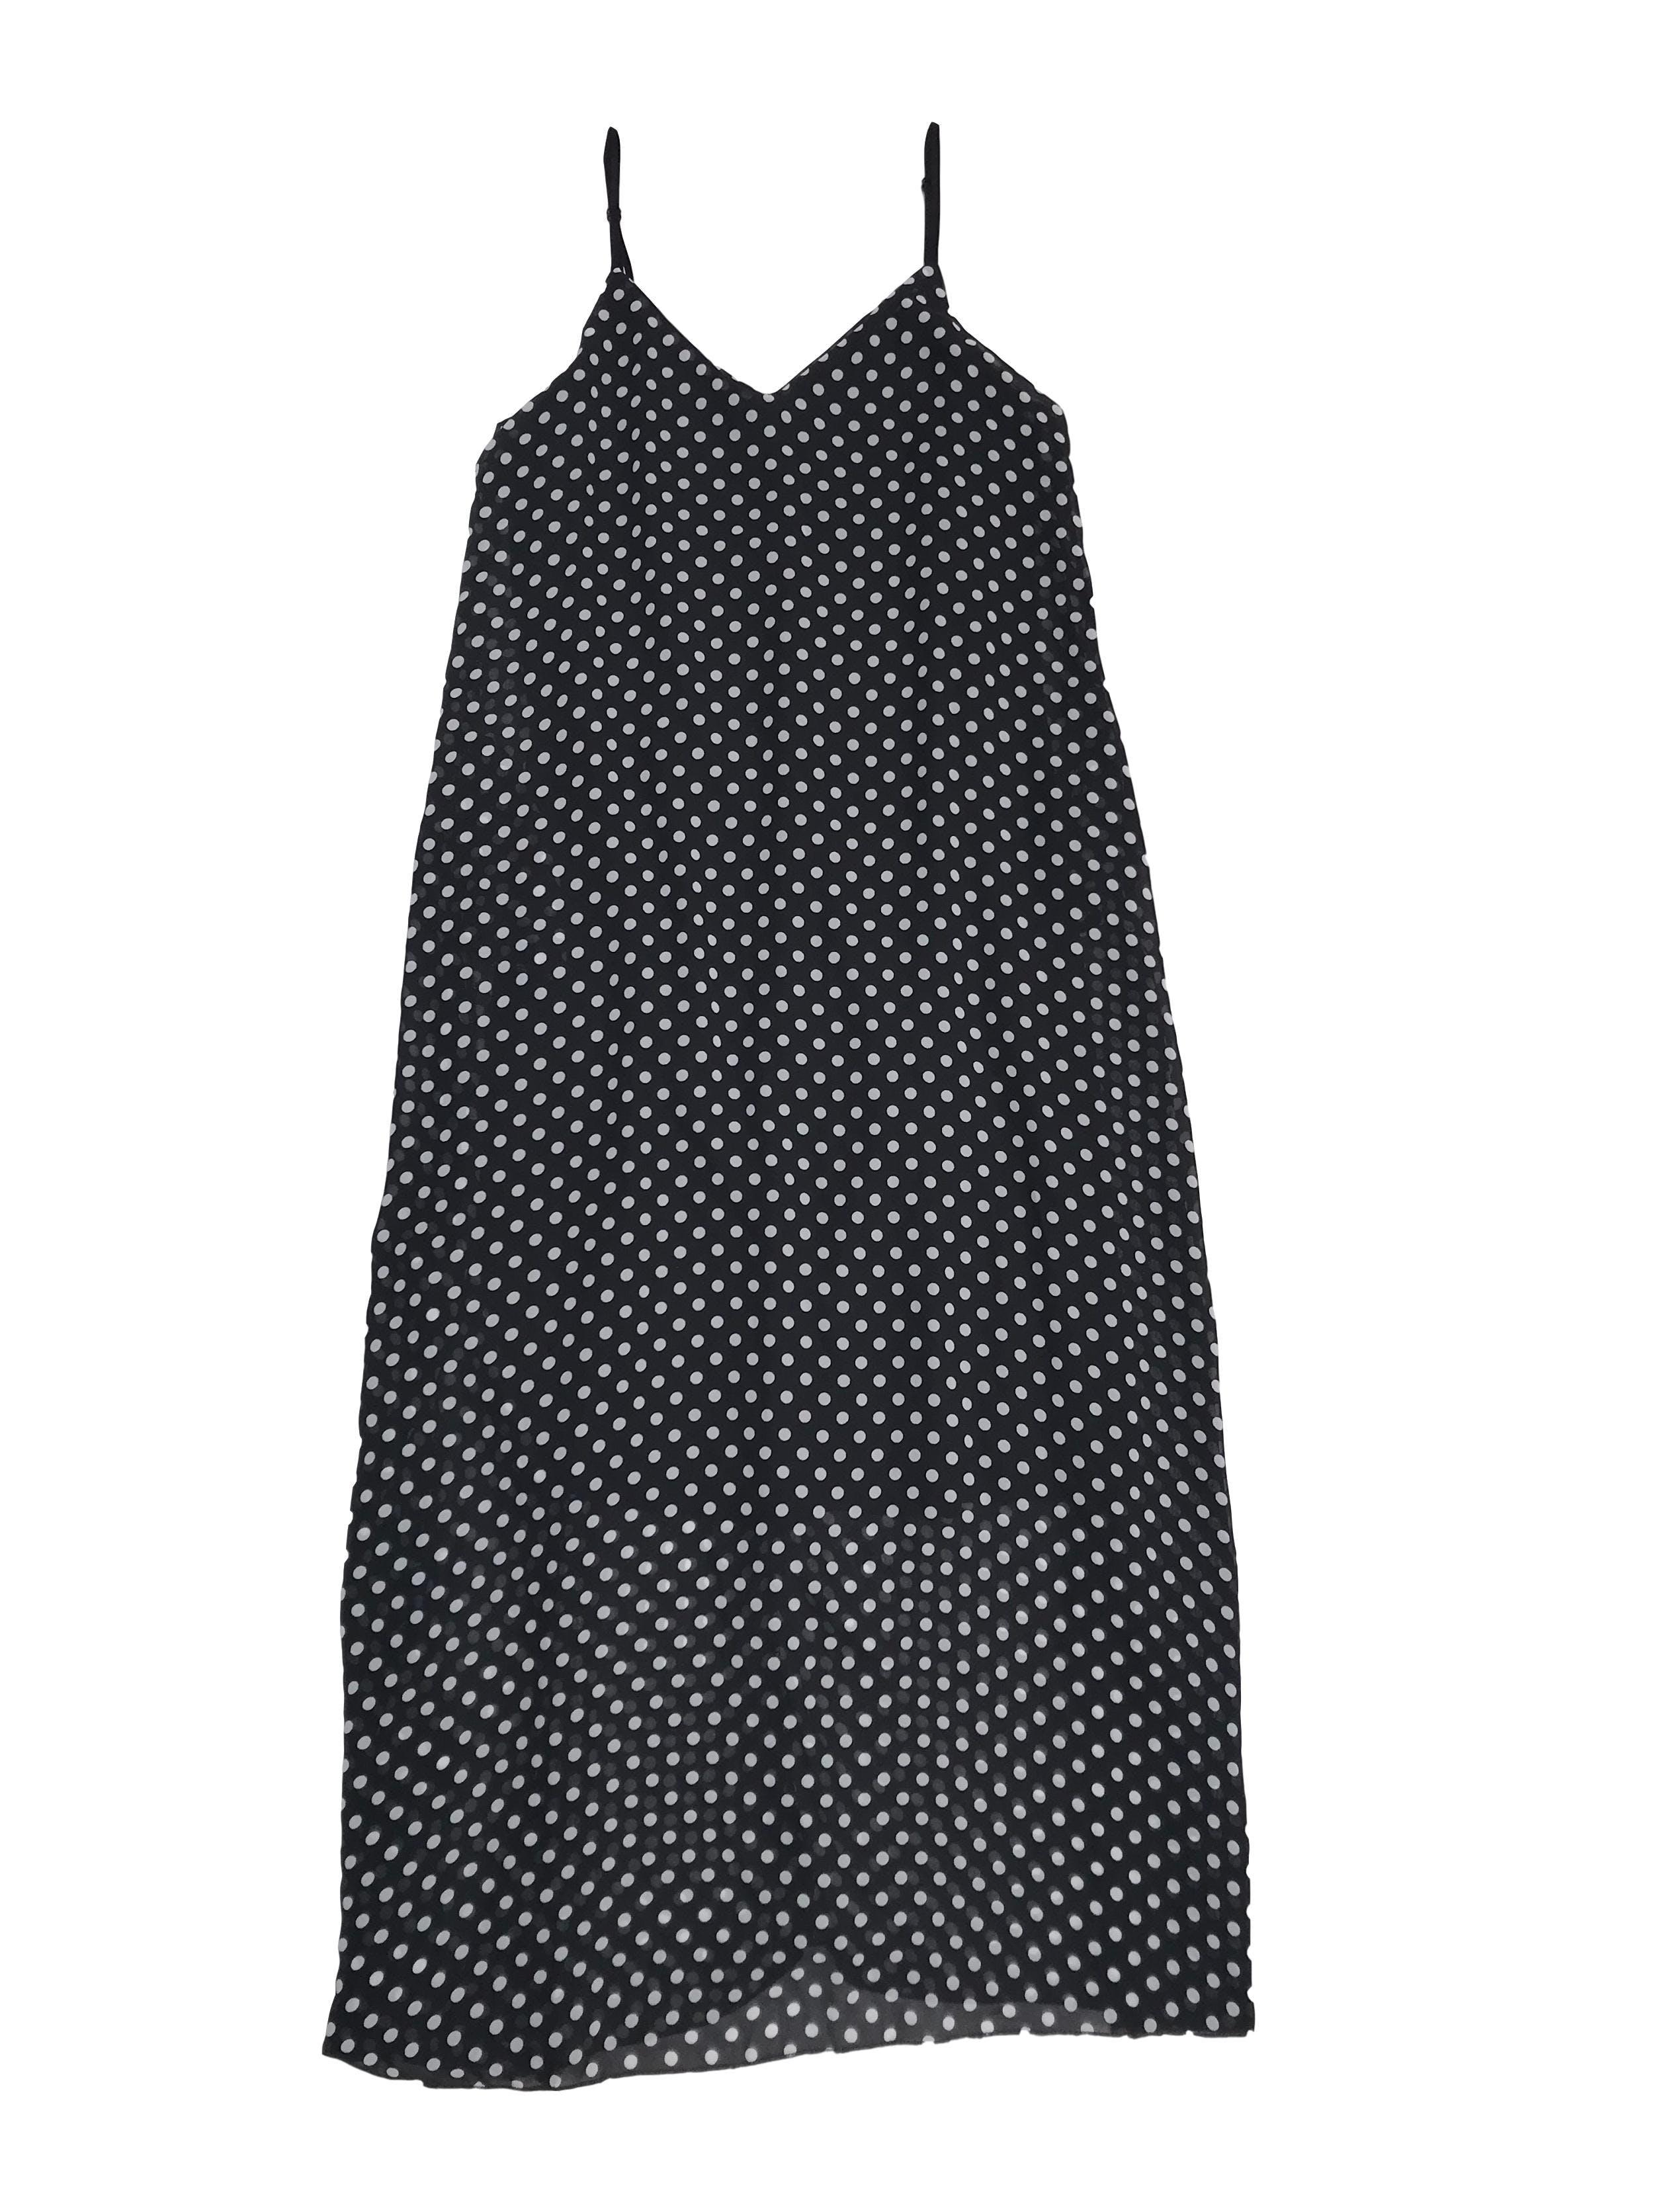 Vestido de gasa negra con dots blancos, largo y suelto, tiritas regulables, forrado